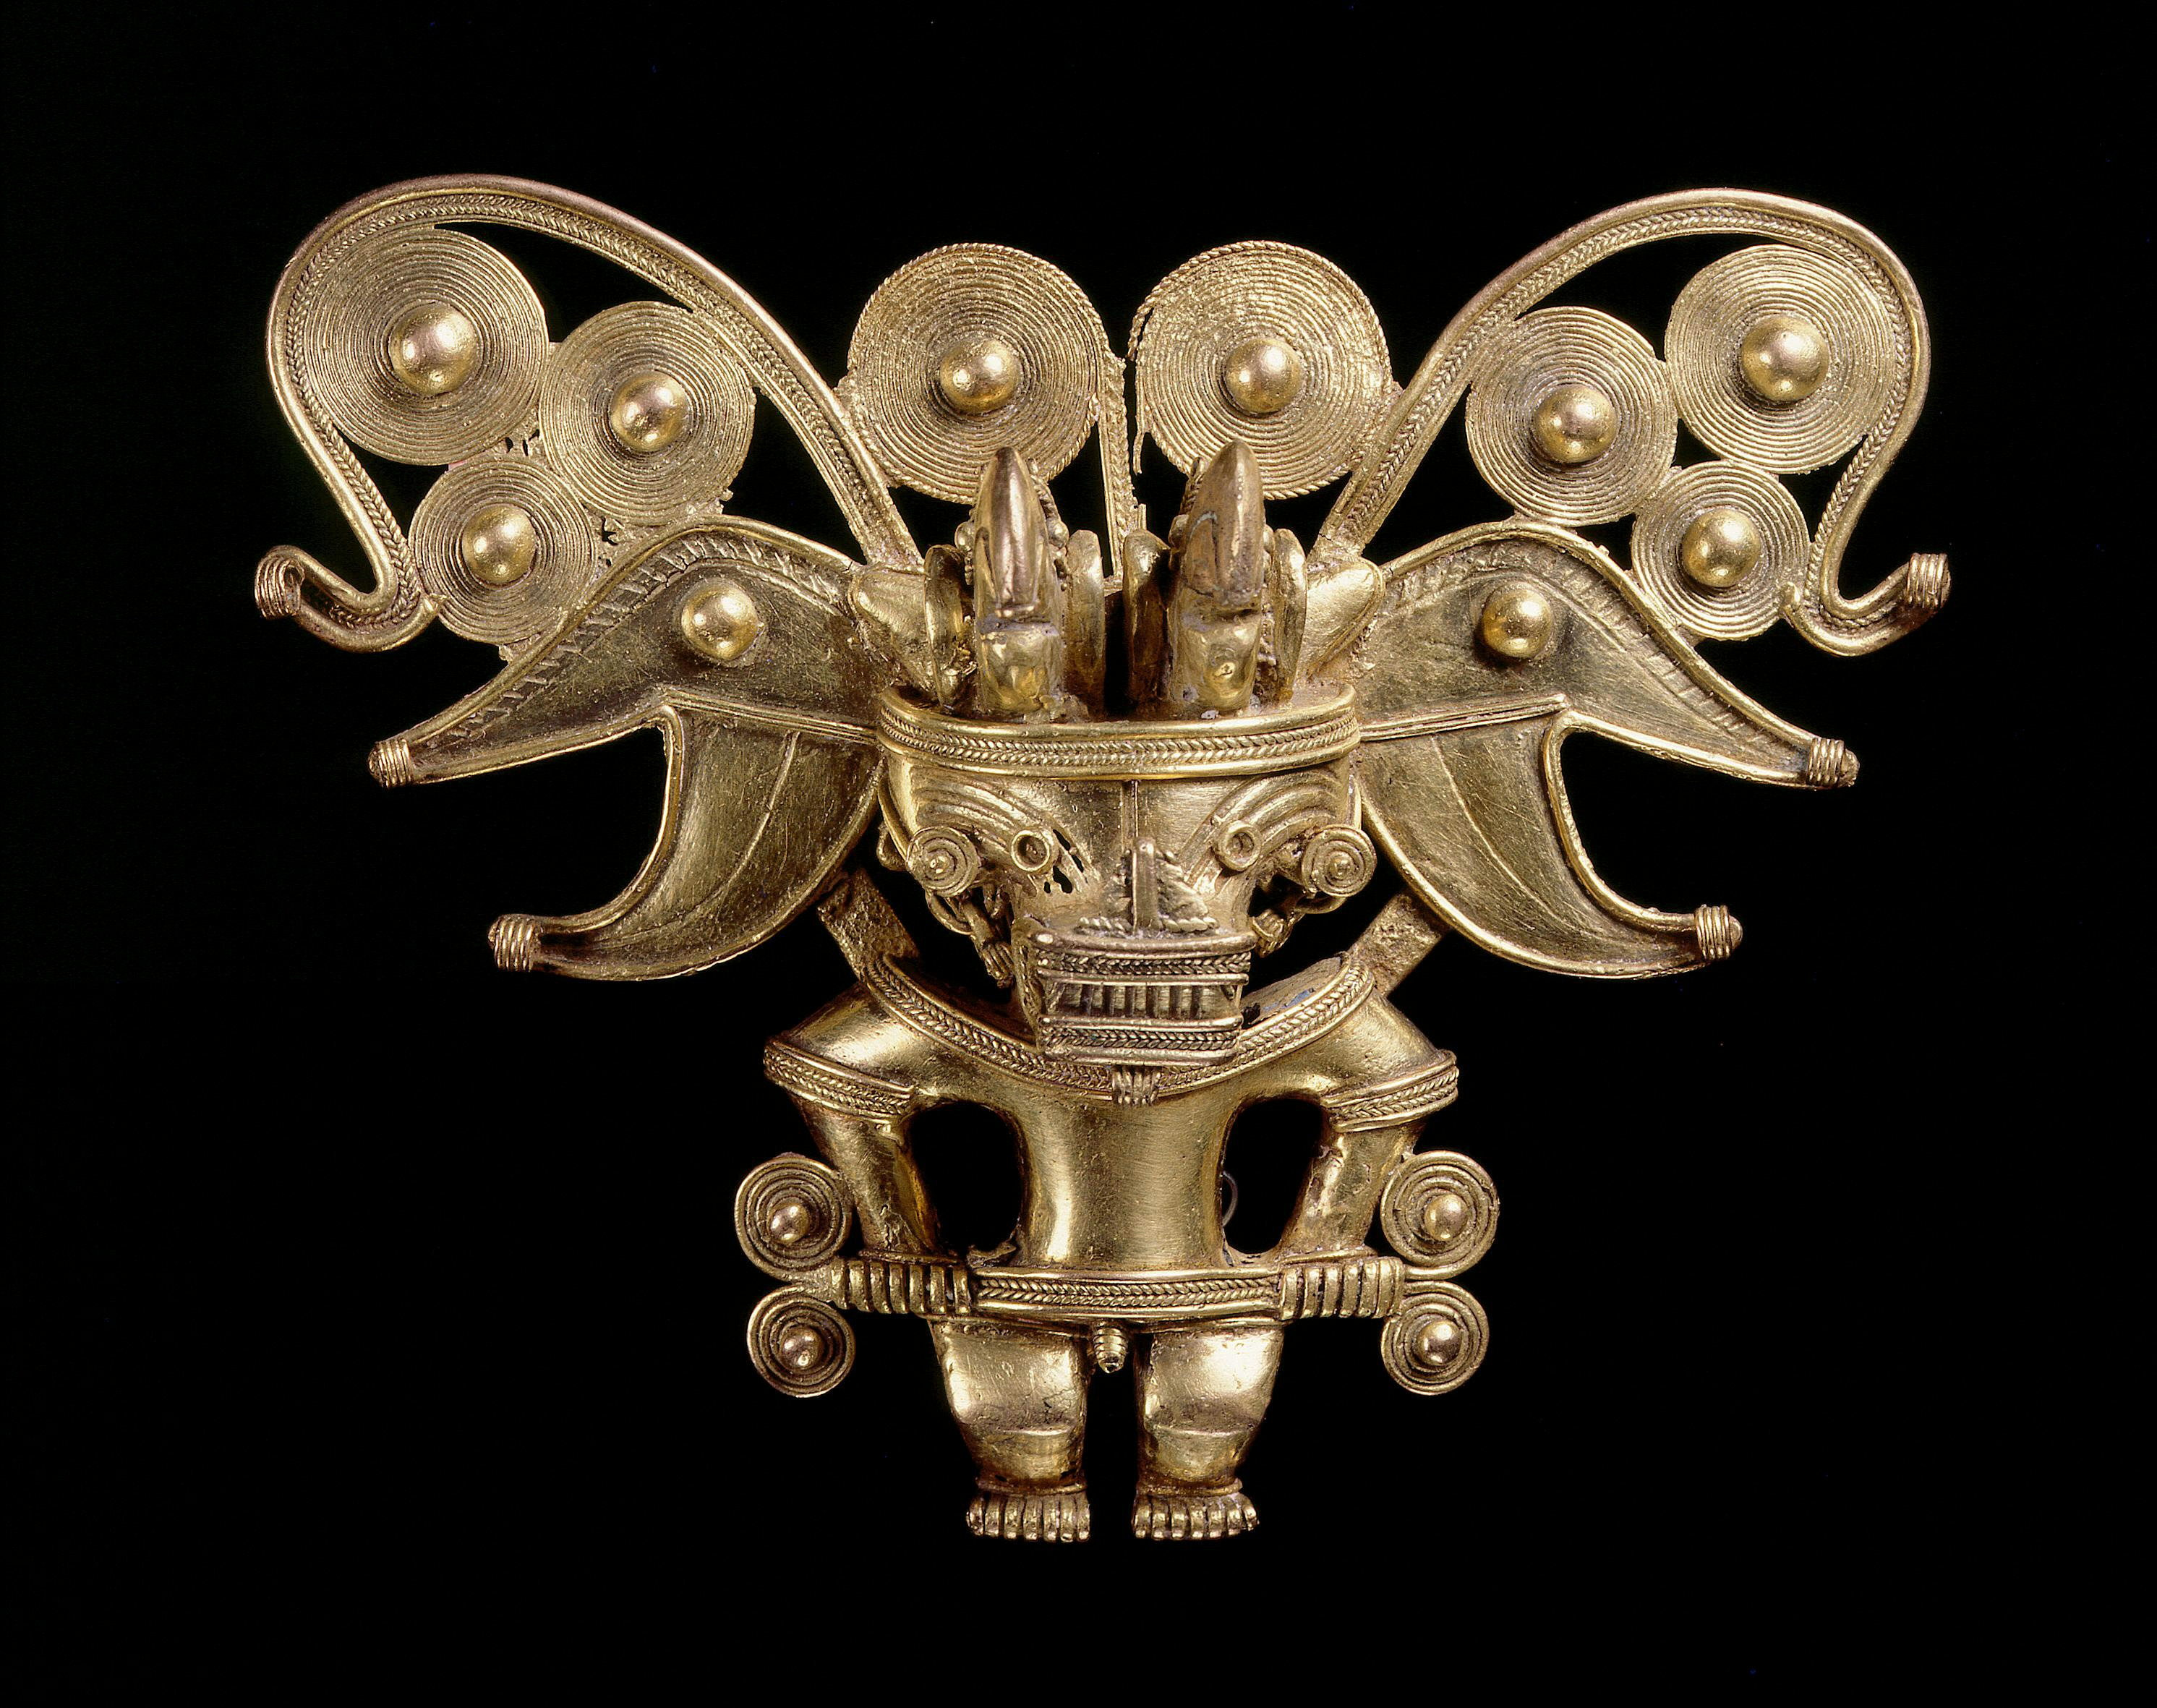 El Dorado, la riqueza cultural detrás del mito